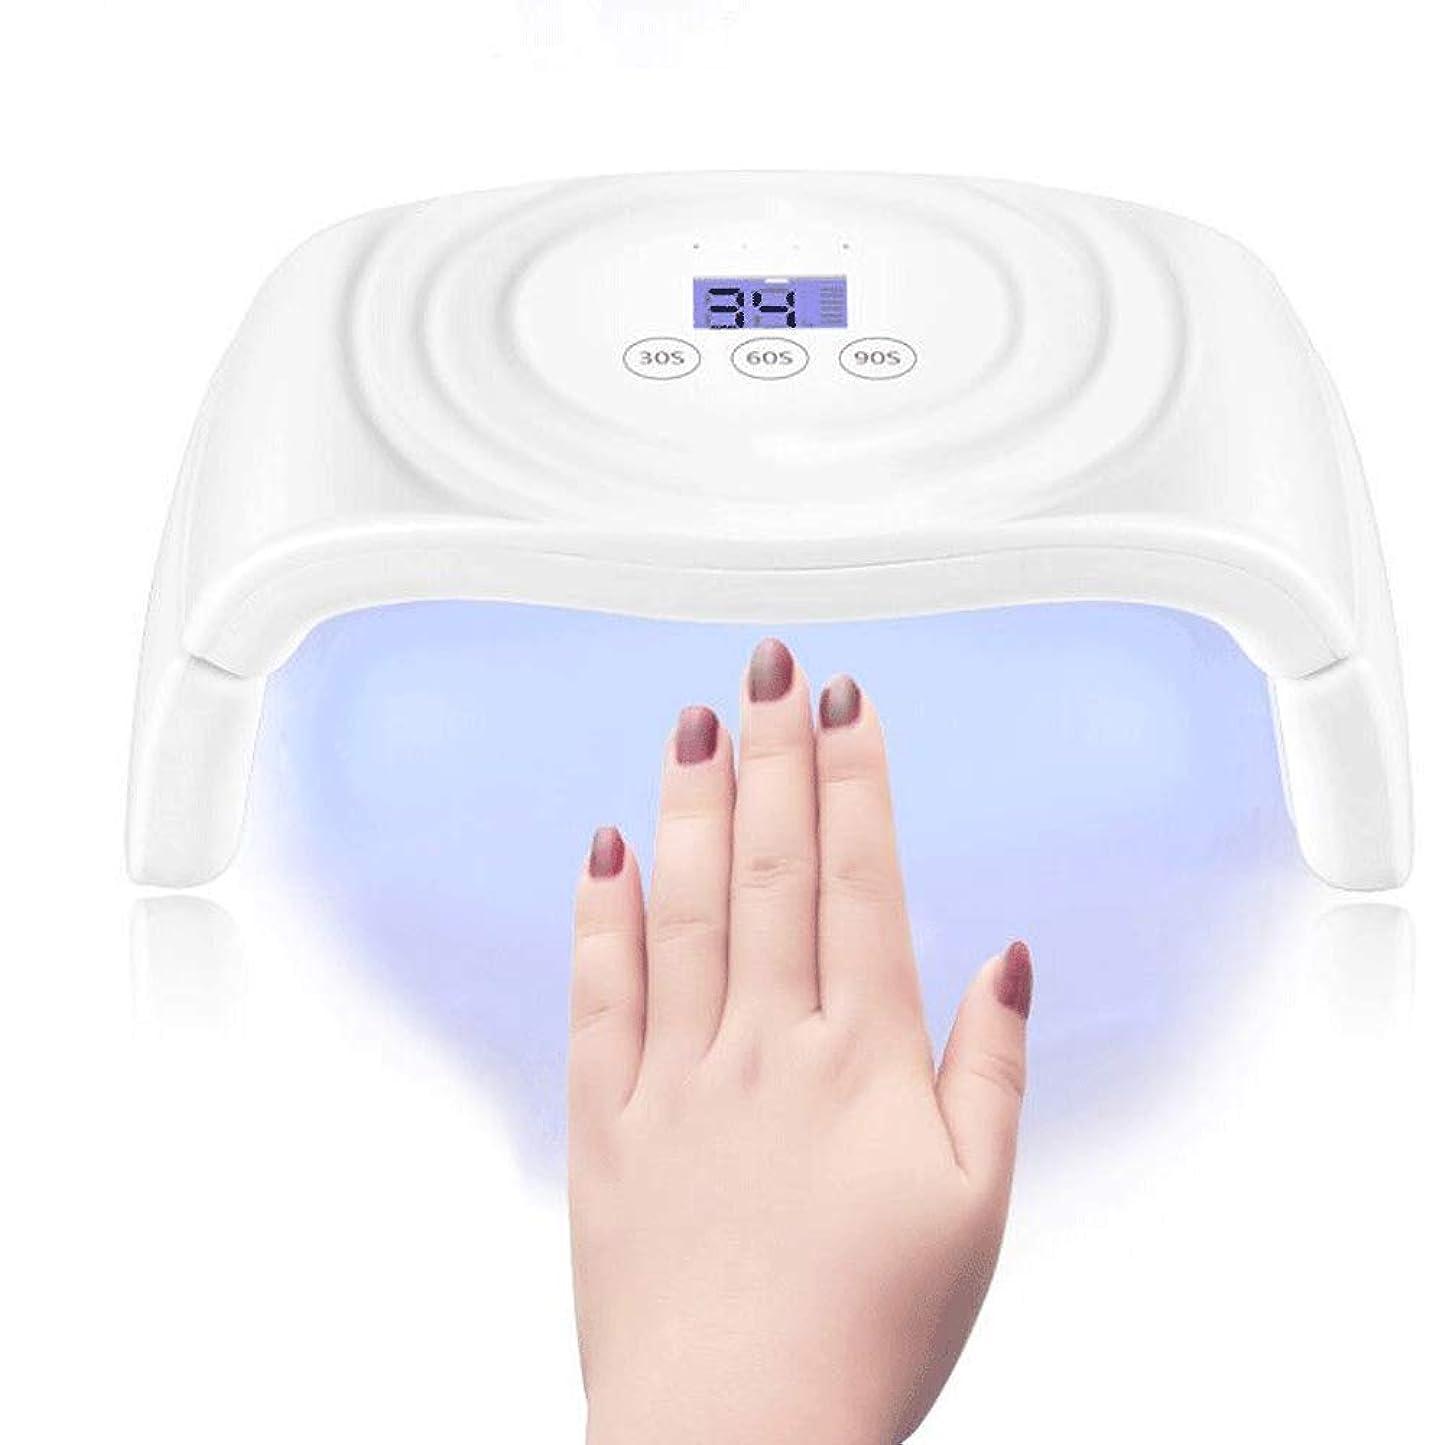 破産なめらか体操ミニLEDネイルドライヤー、充電式ネイルドライヤー、36W UV + LEDデュアル光源、3段階タイマー赤外線検出デジタルディスプレイUVおよびLEDジェルネイルポリッシュ用硬化ライト